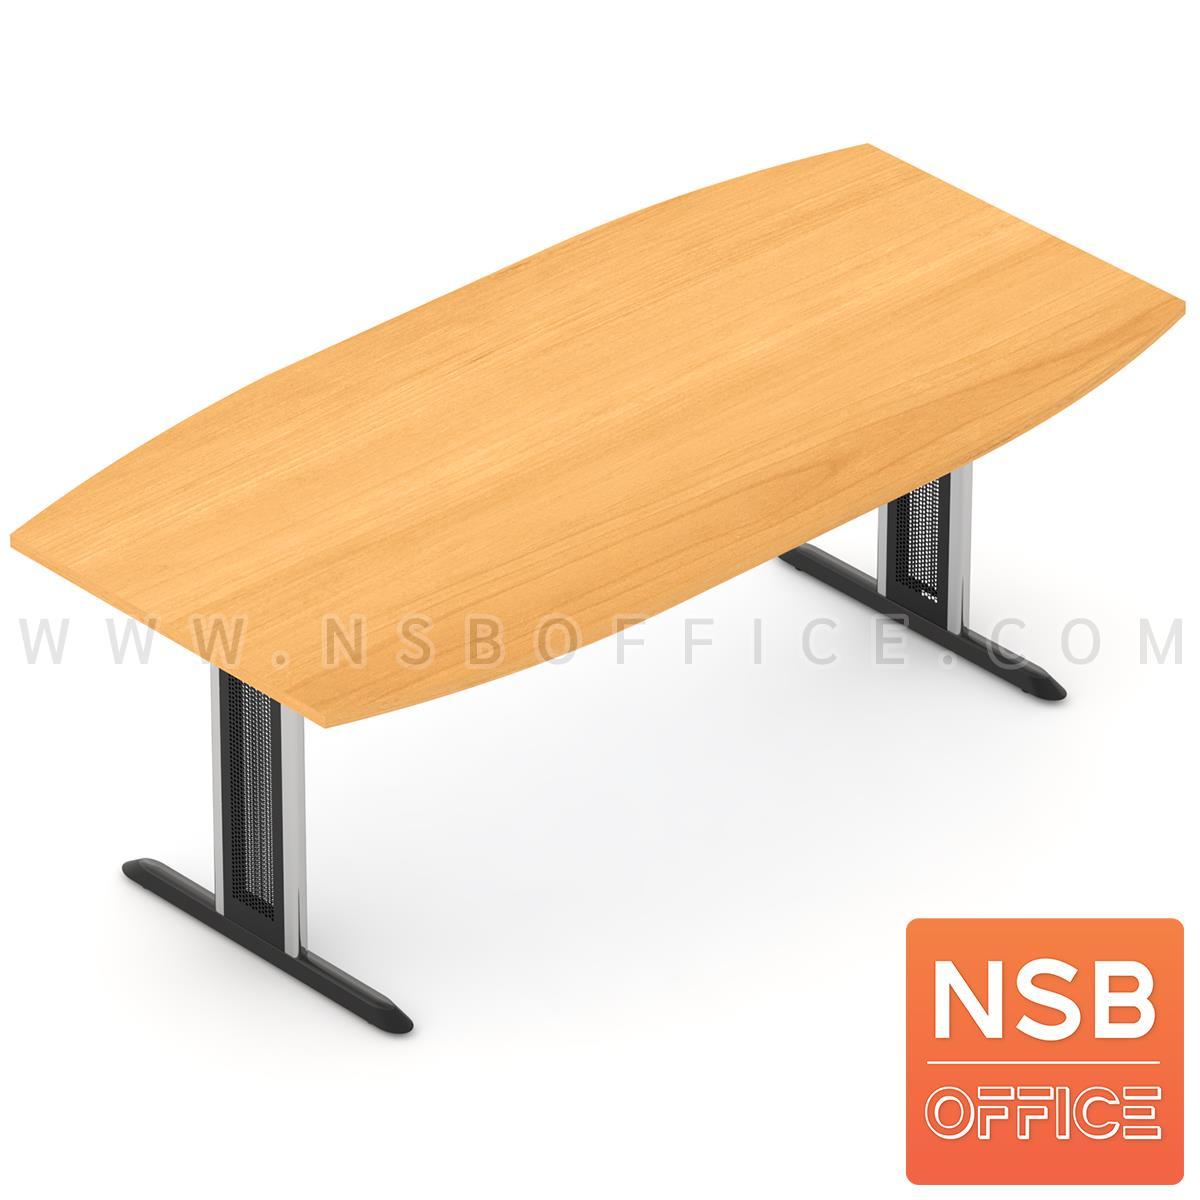 A05A048:โต๊ะประชุมทรงเรือ  8 ,10 ที่นั่ง ขนาด 200W ,240W cm. ขาเหล็กตัวที